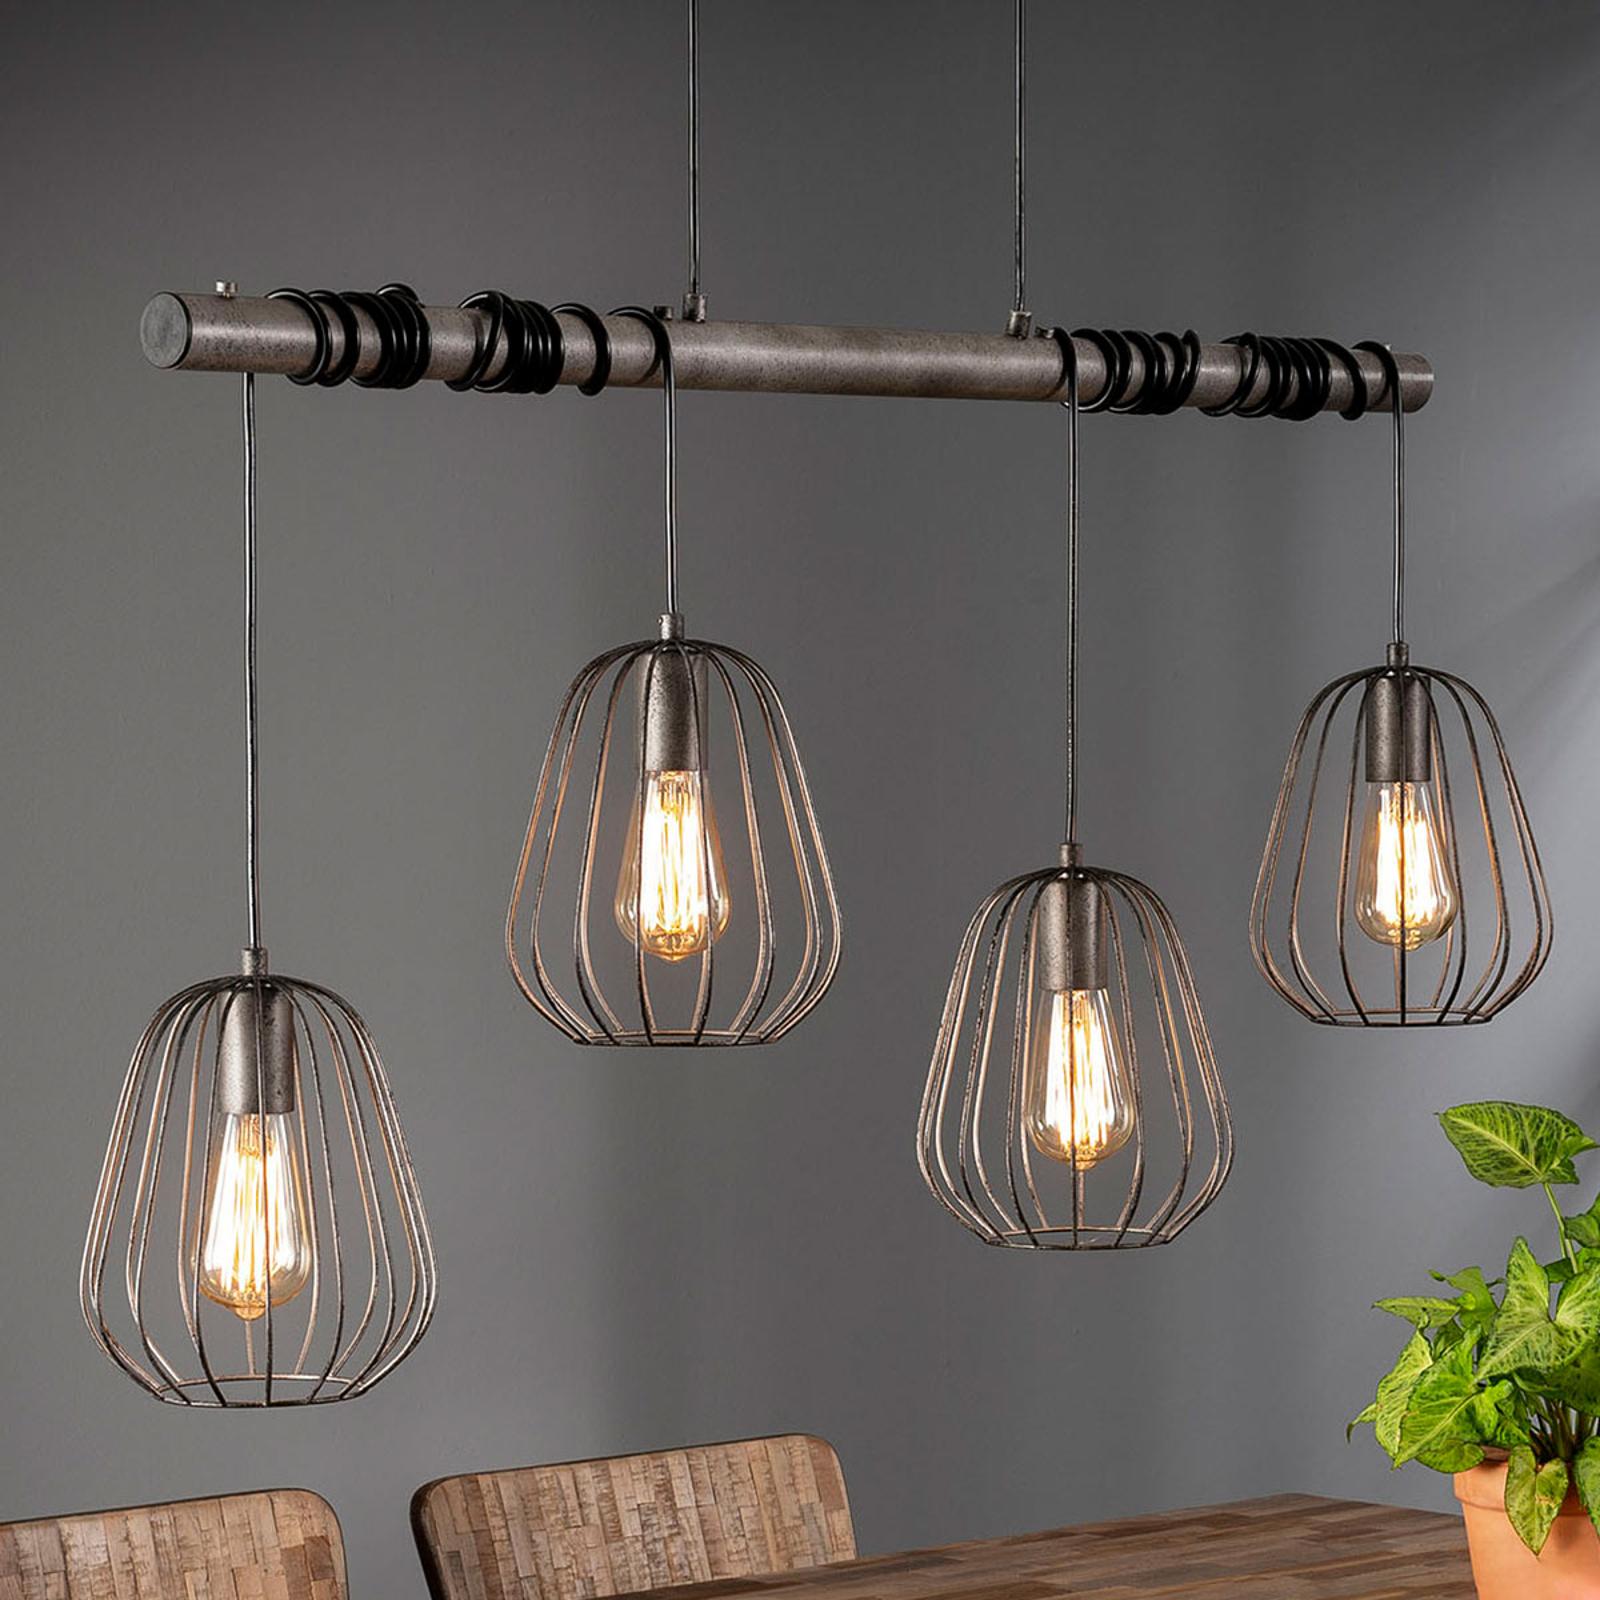 Hanglamp Kooitje, 4-lamps